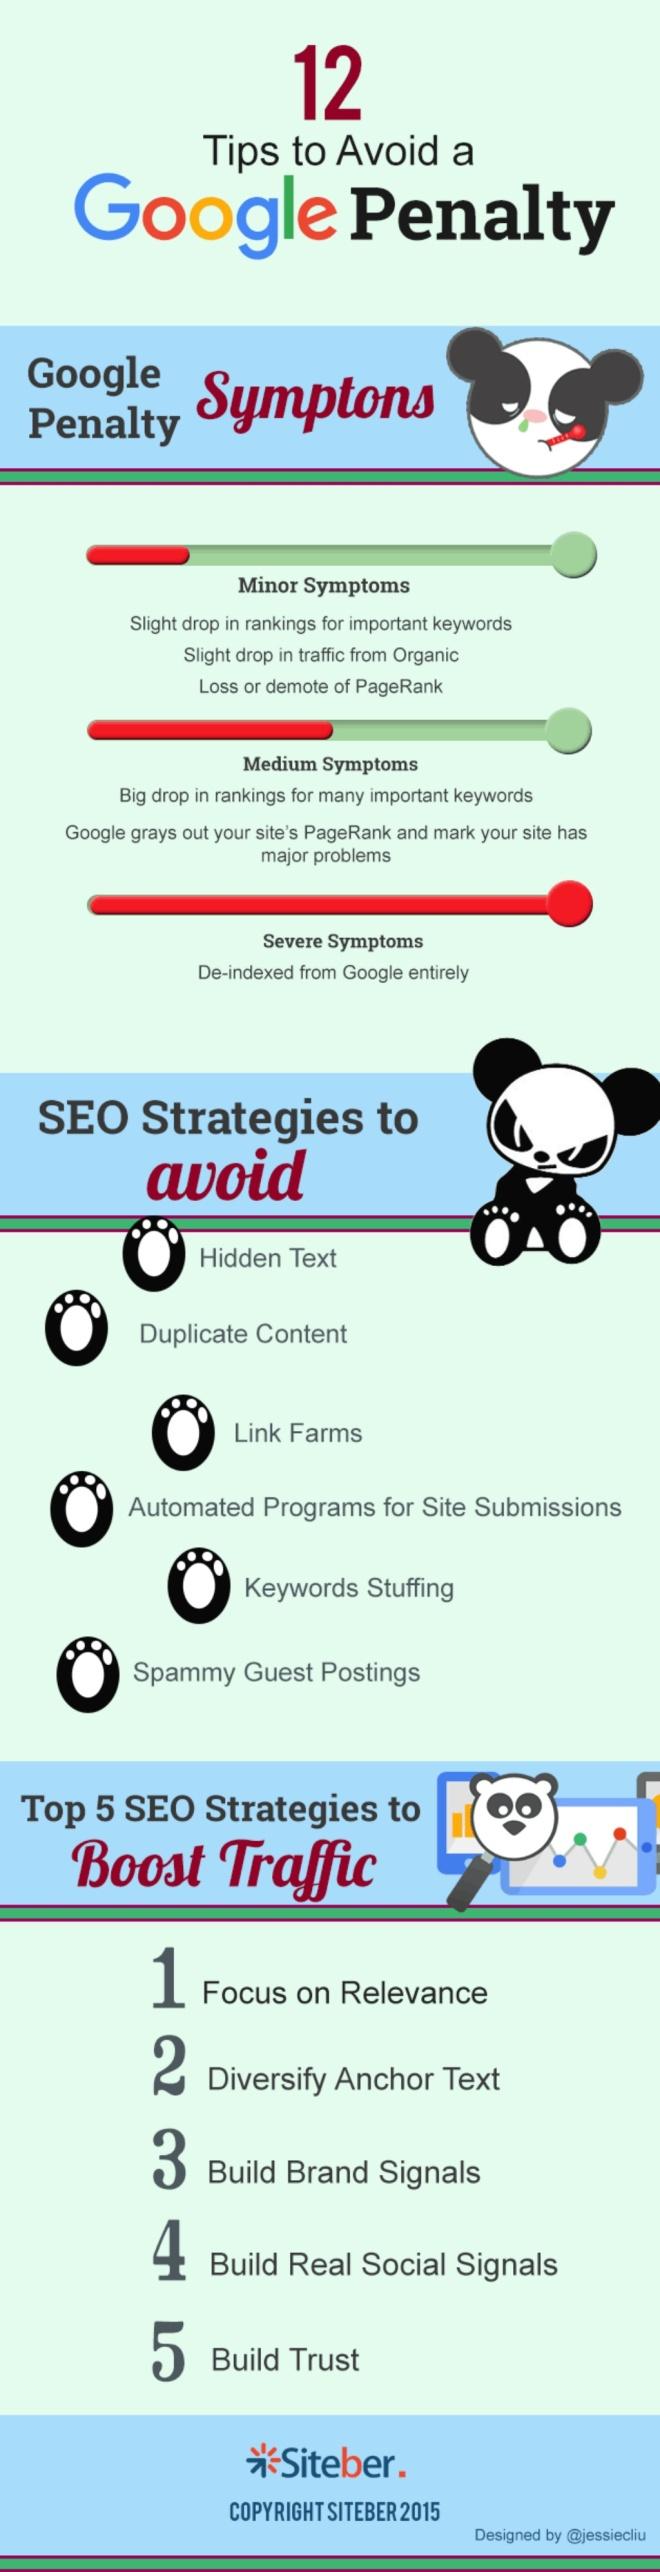 12 consejos para evitar las penalizaciones de Google12 consejos para evitar las penalizaciones de Google